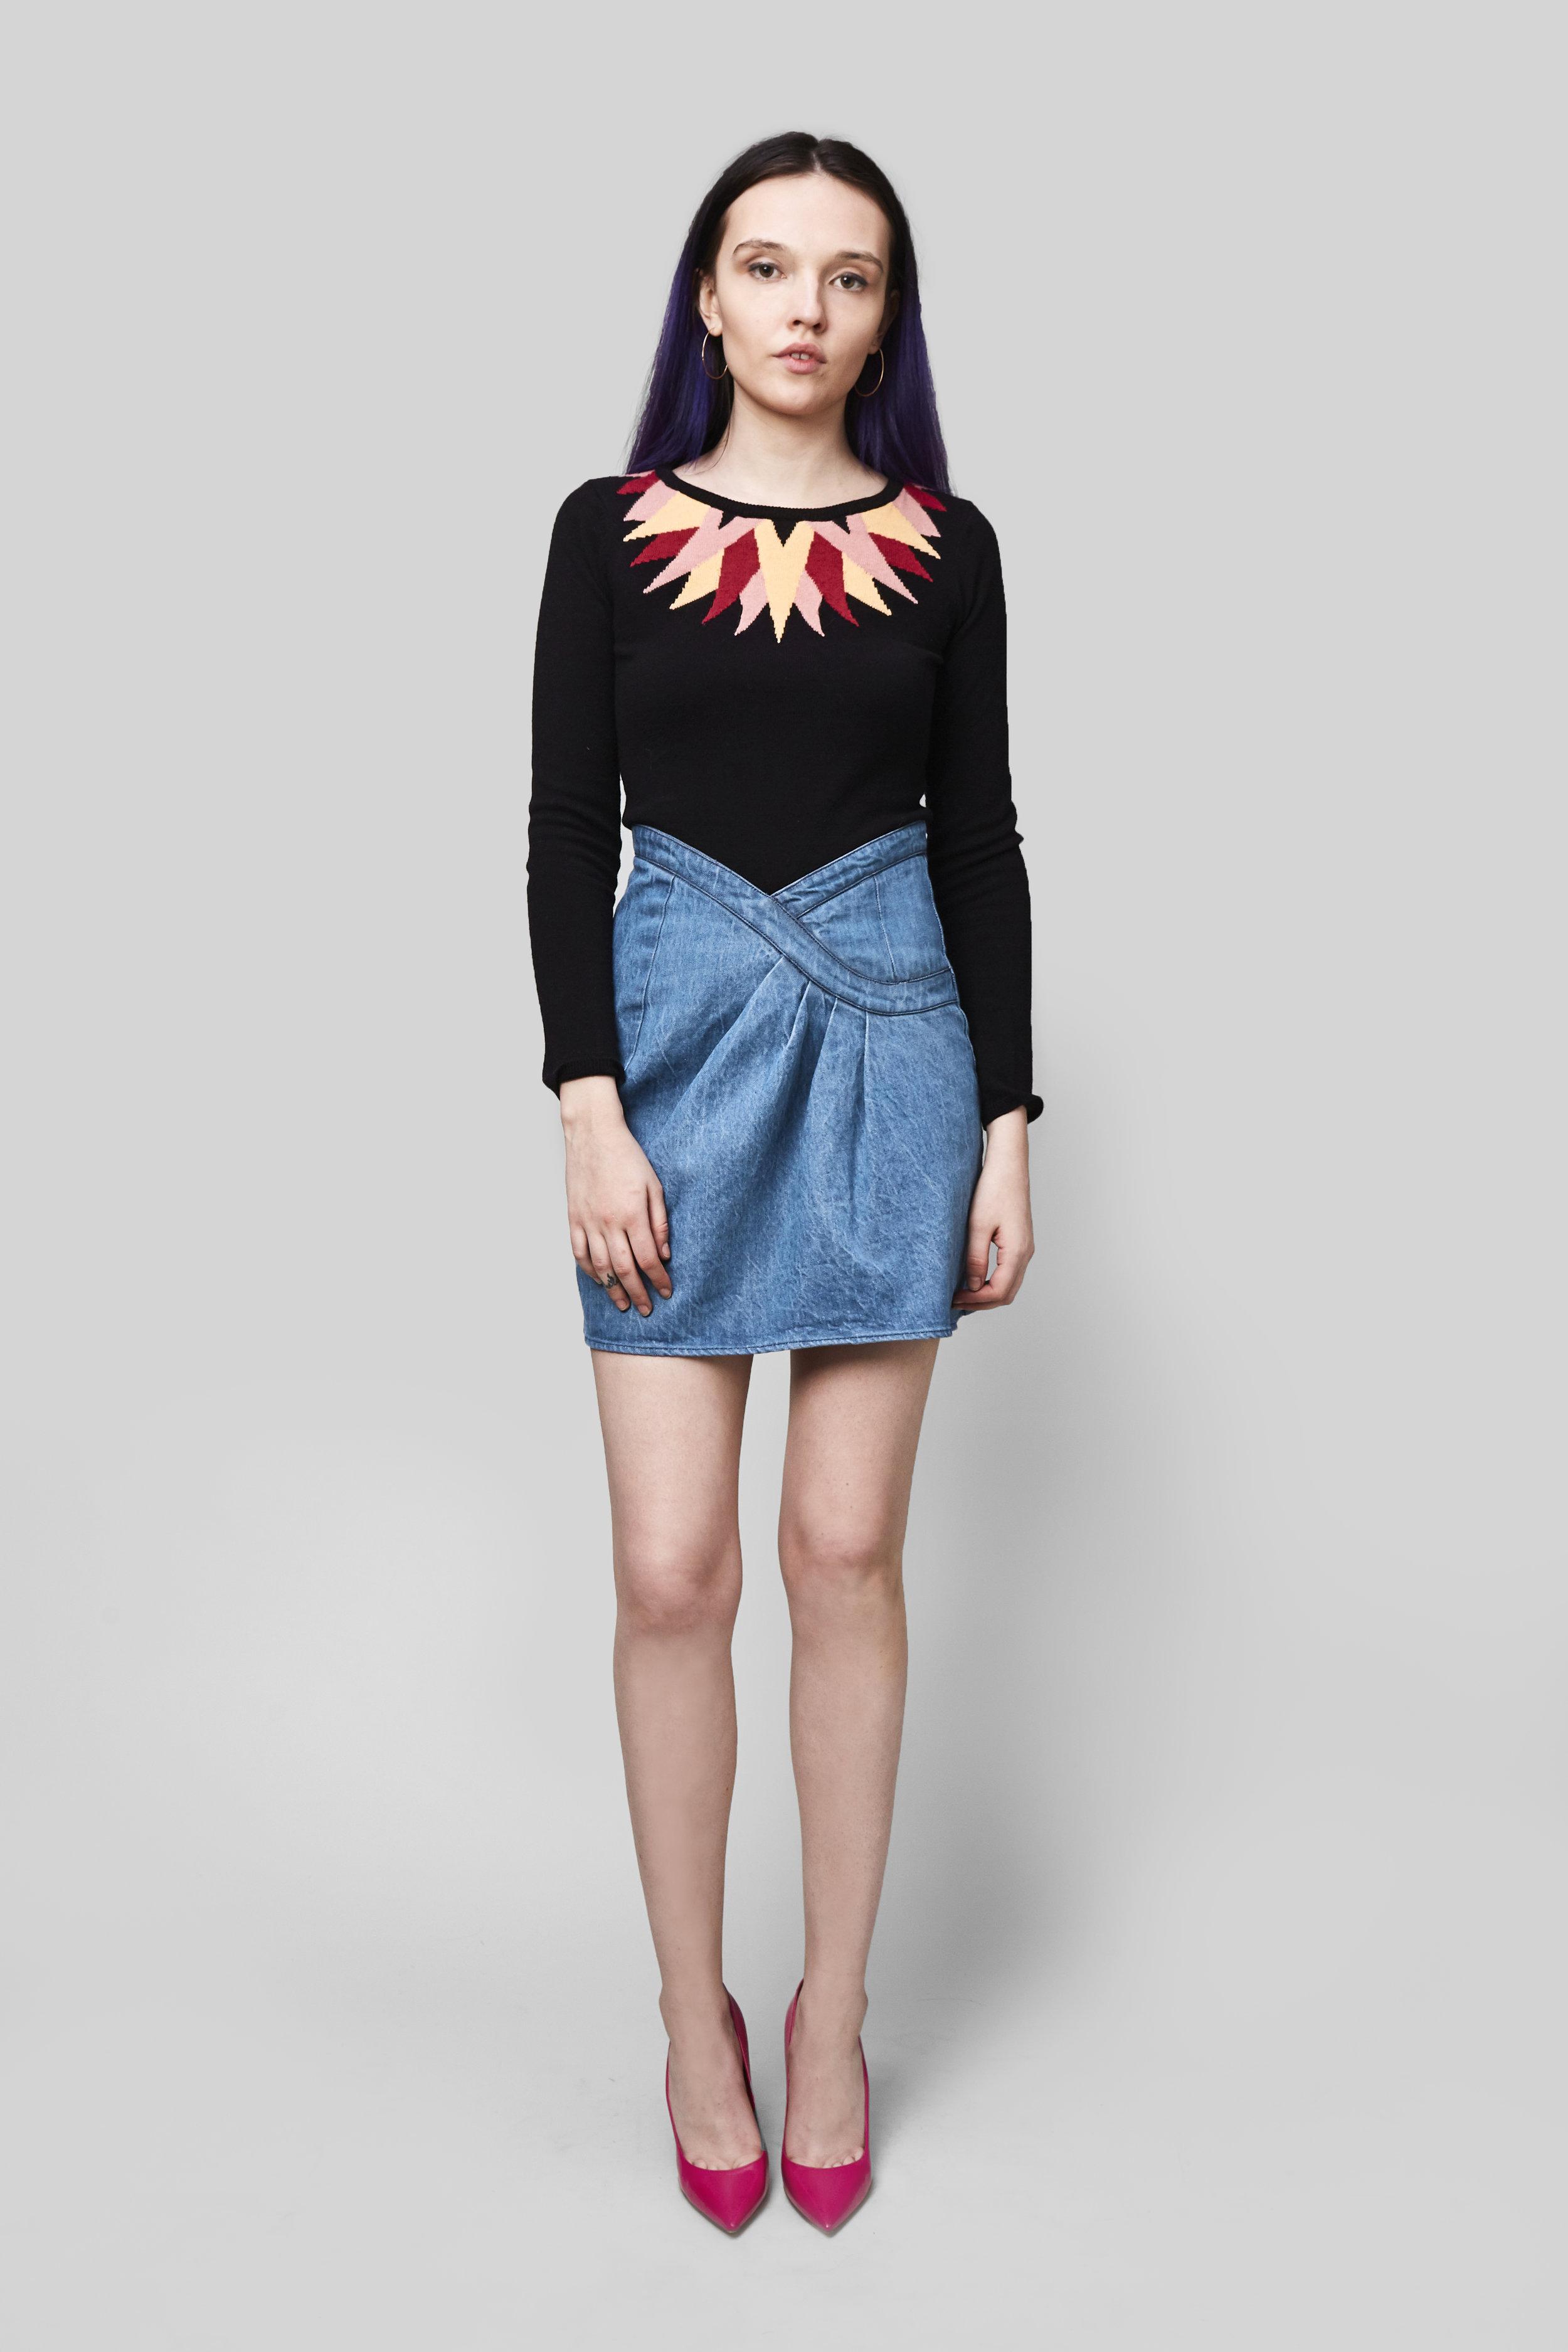 - The Starburst Intarsia SweaterThe Lina Hemp Denim Skirt